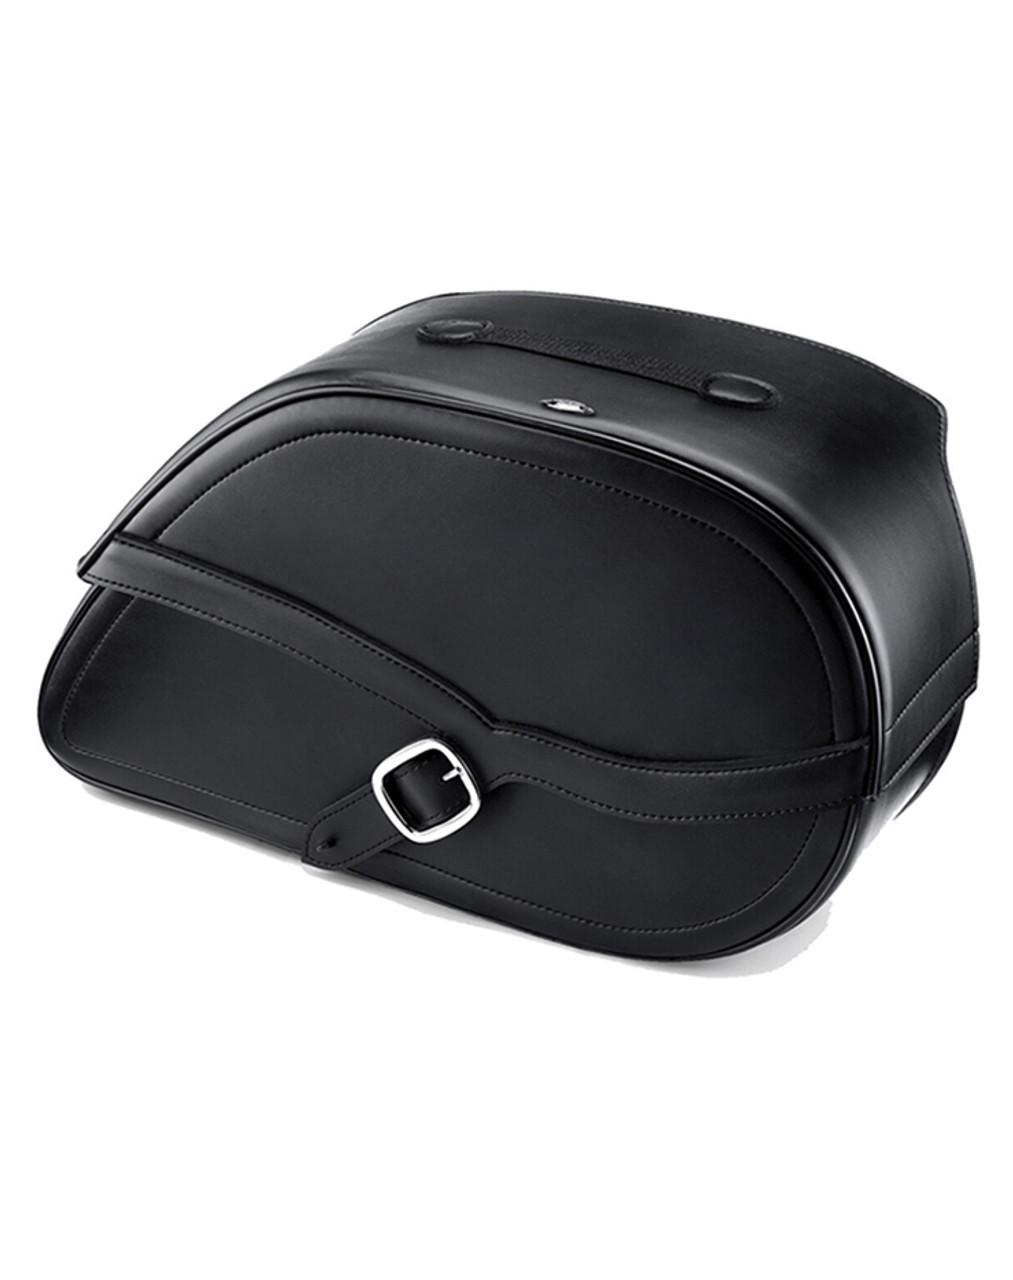 Honda VTX 1800 N Armor Shock Cutout Motorcycle Saddlebags Main Bag View